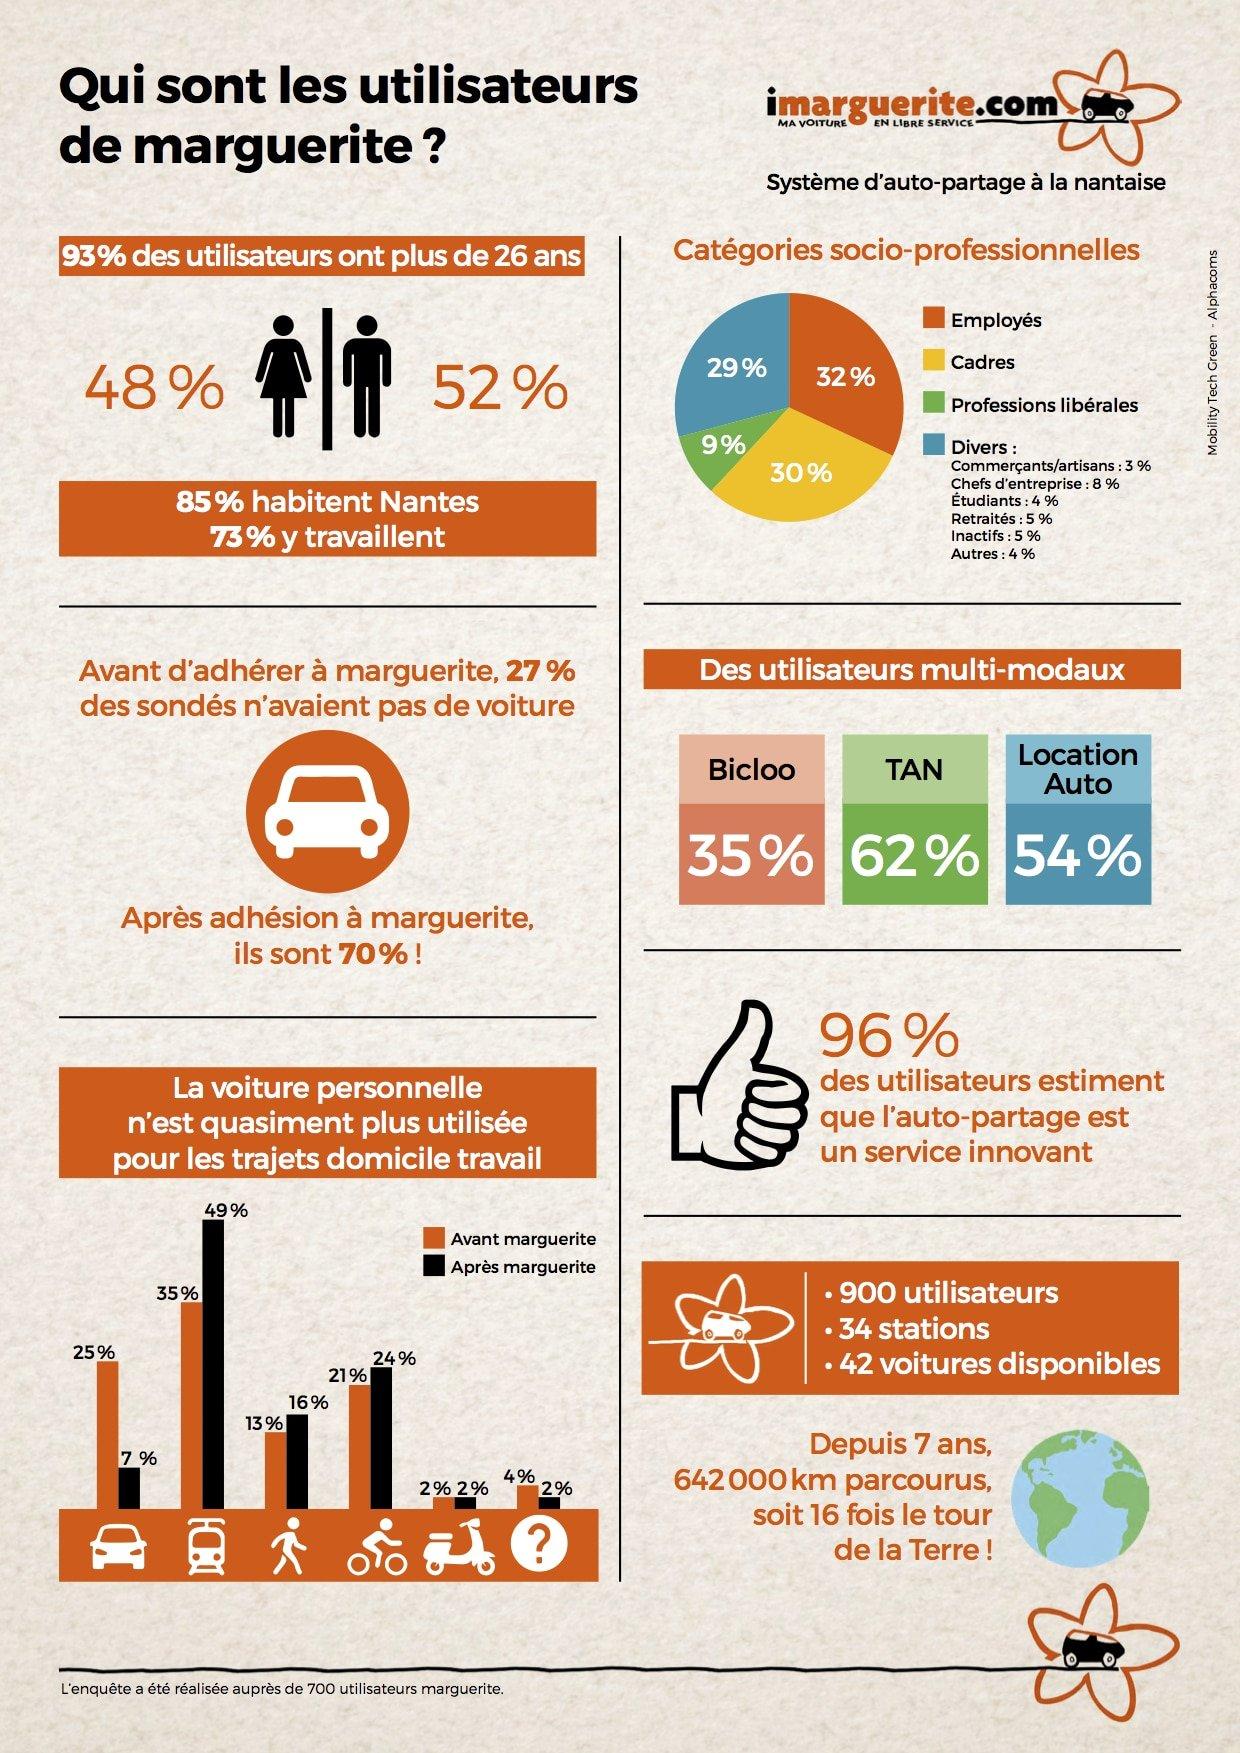 Infographie imarguerite